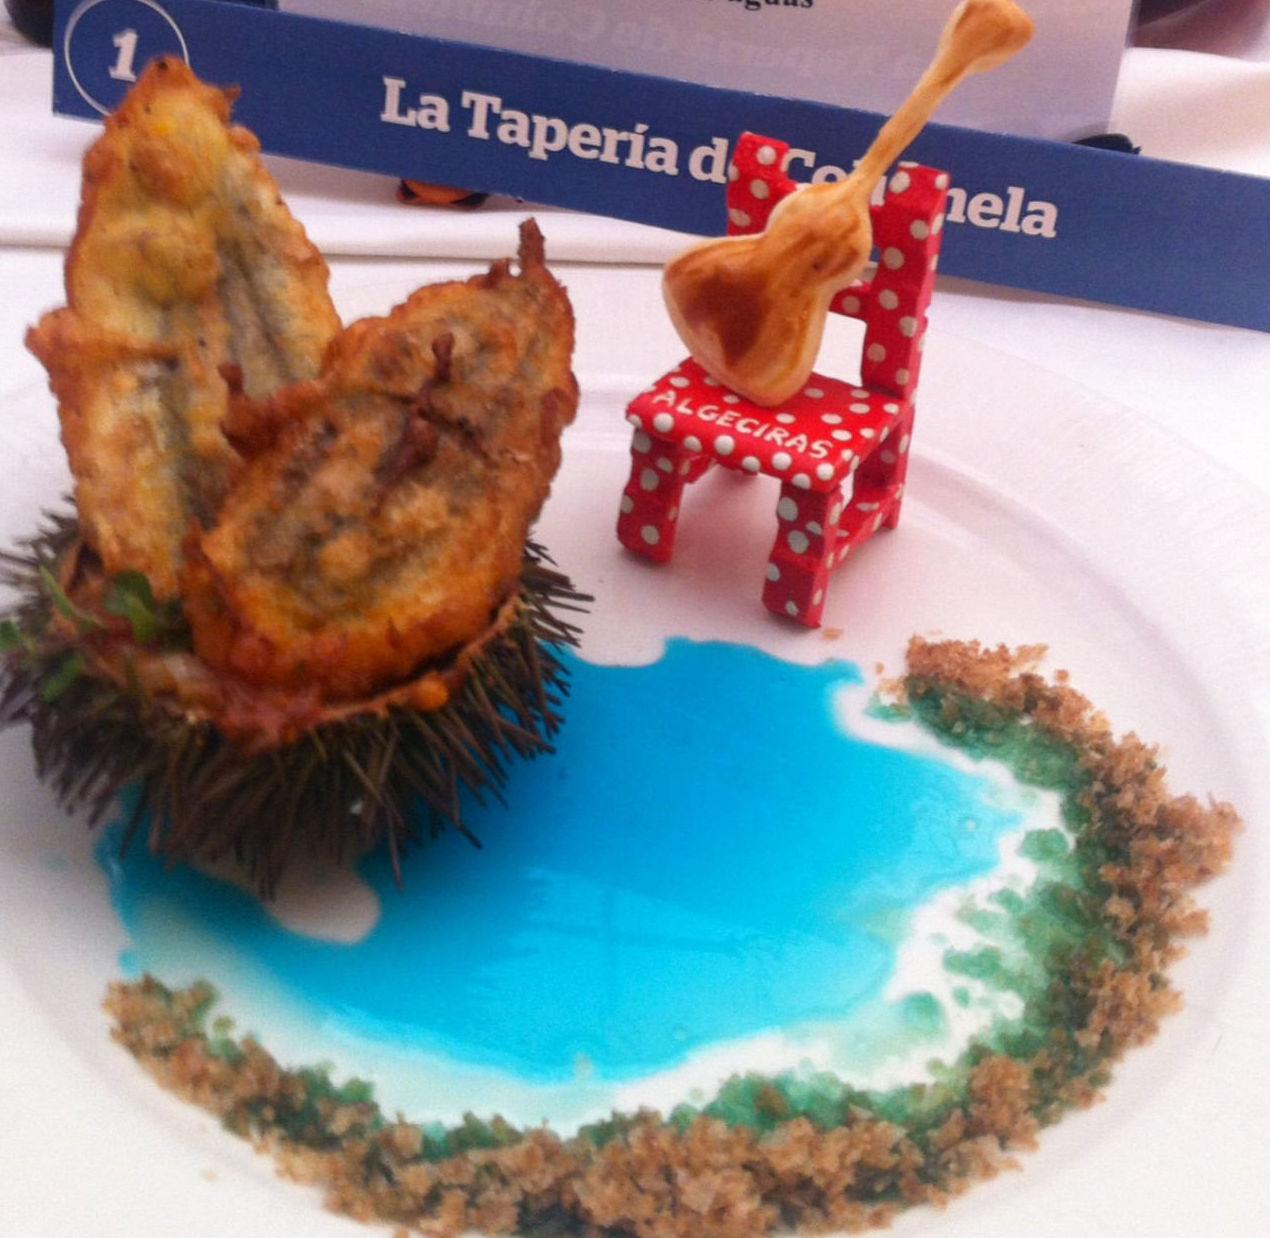 Tapa dedicada a Paco de Lucía y Algeciras